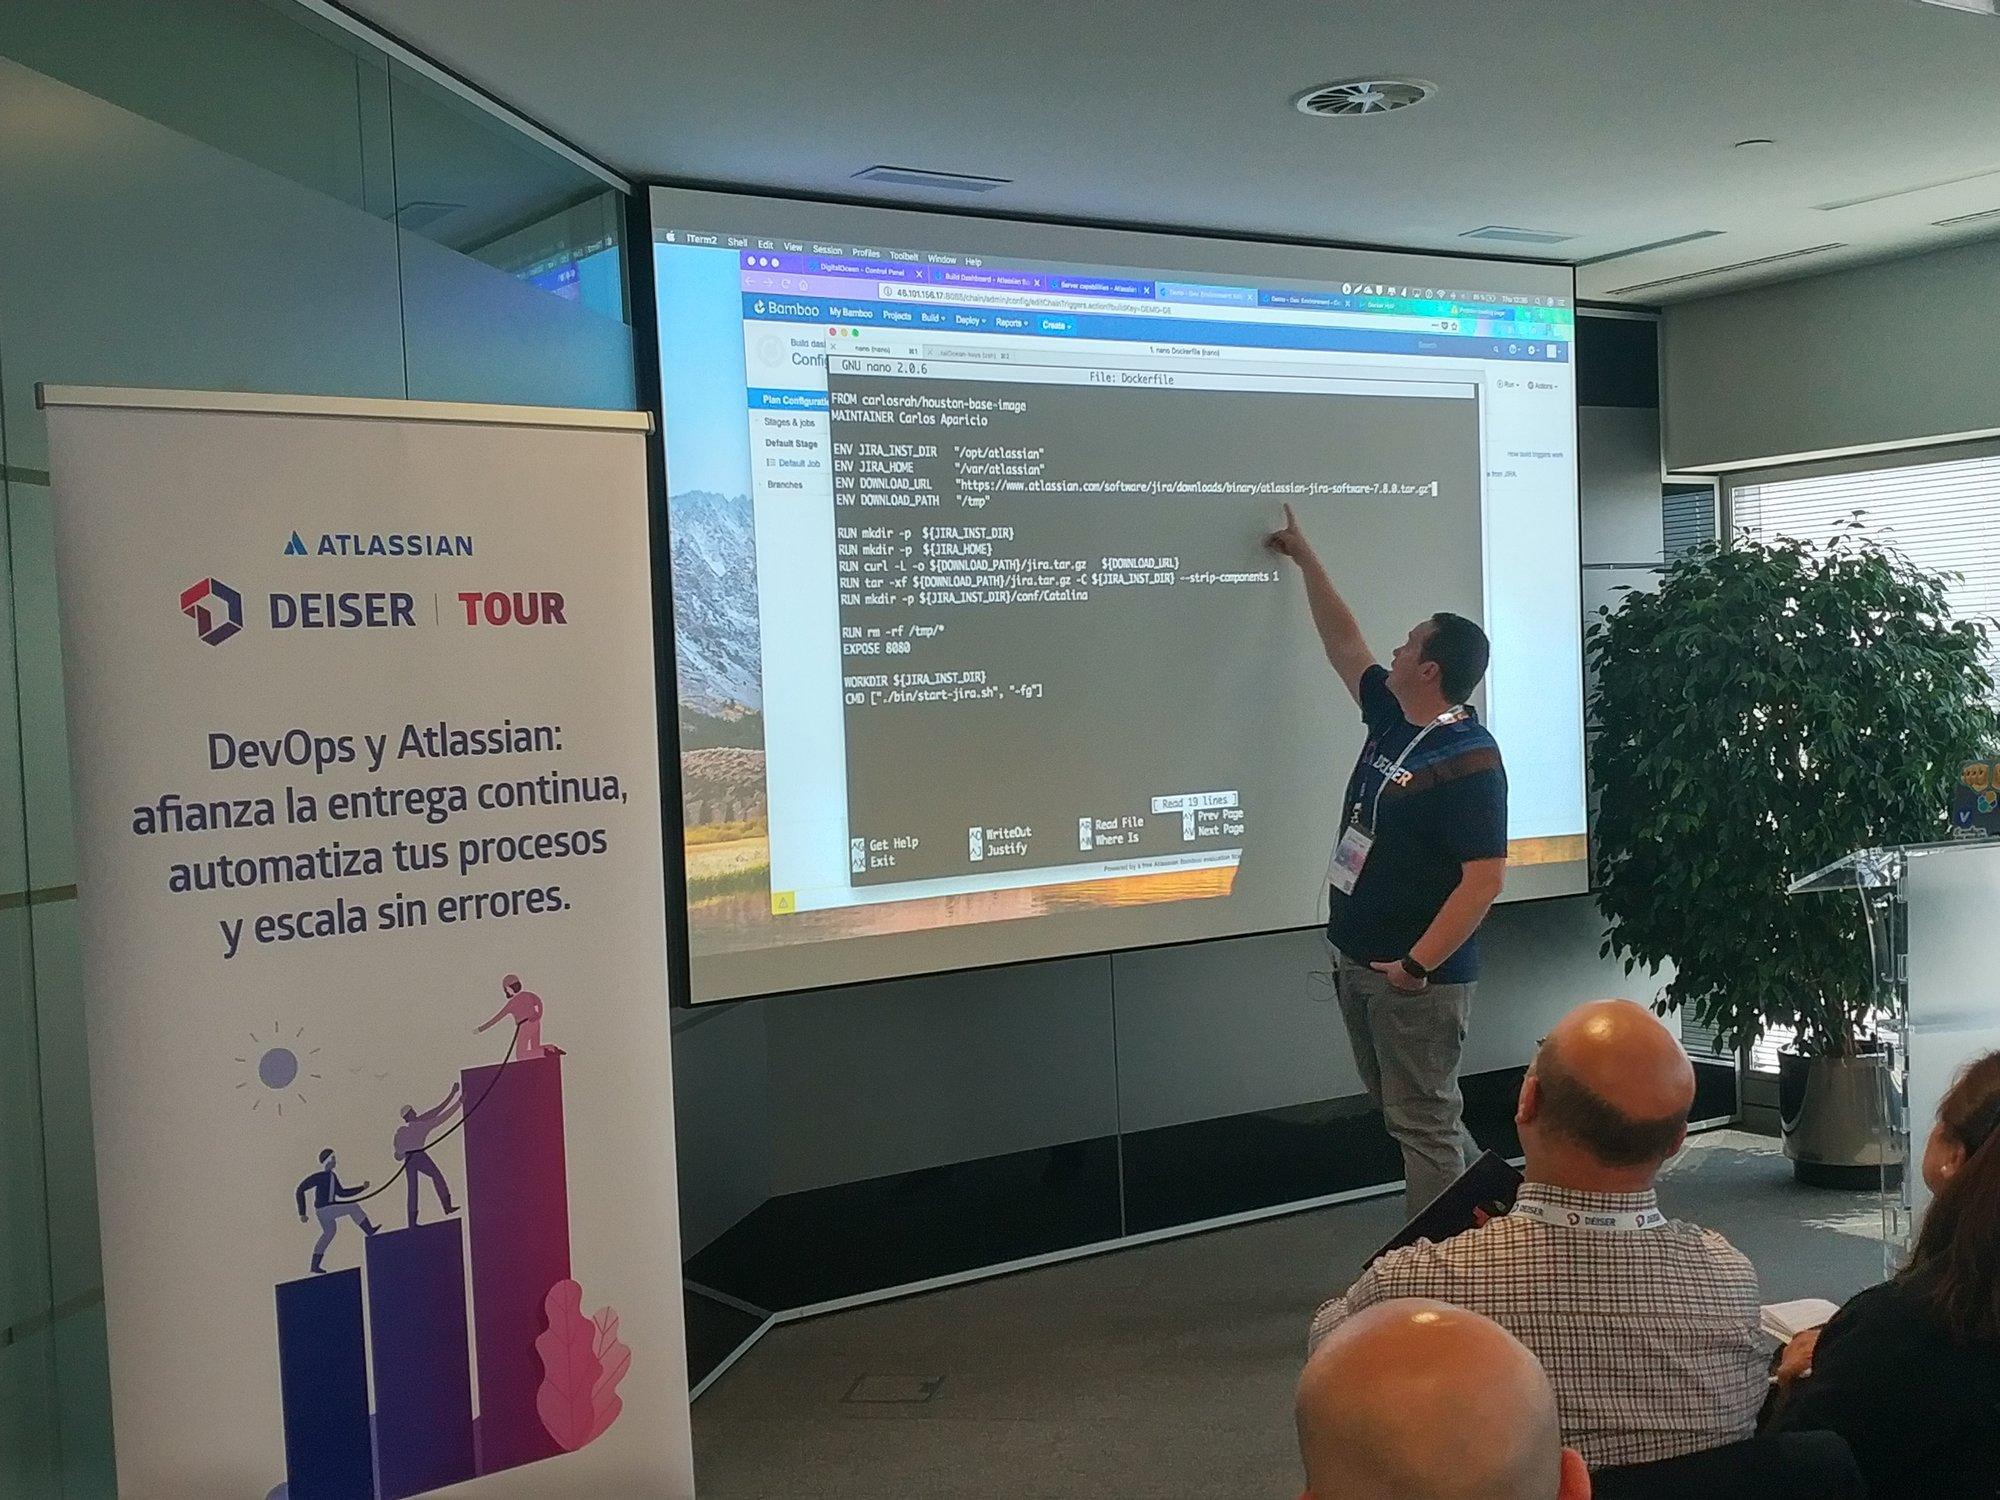 Charlie, experto en Atlassian Data Center explica cómo configurar la base de un código con Bamboo y Docker.